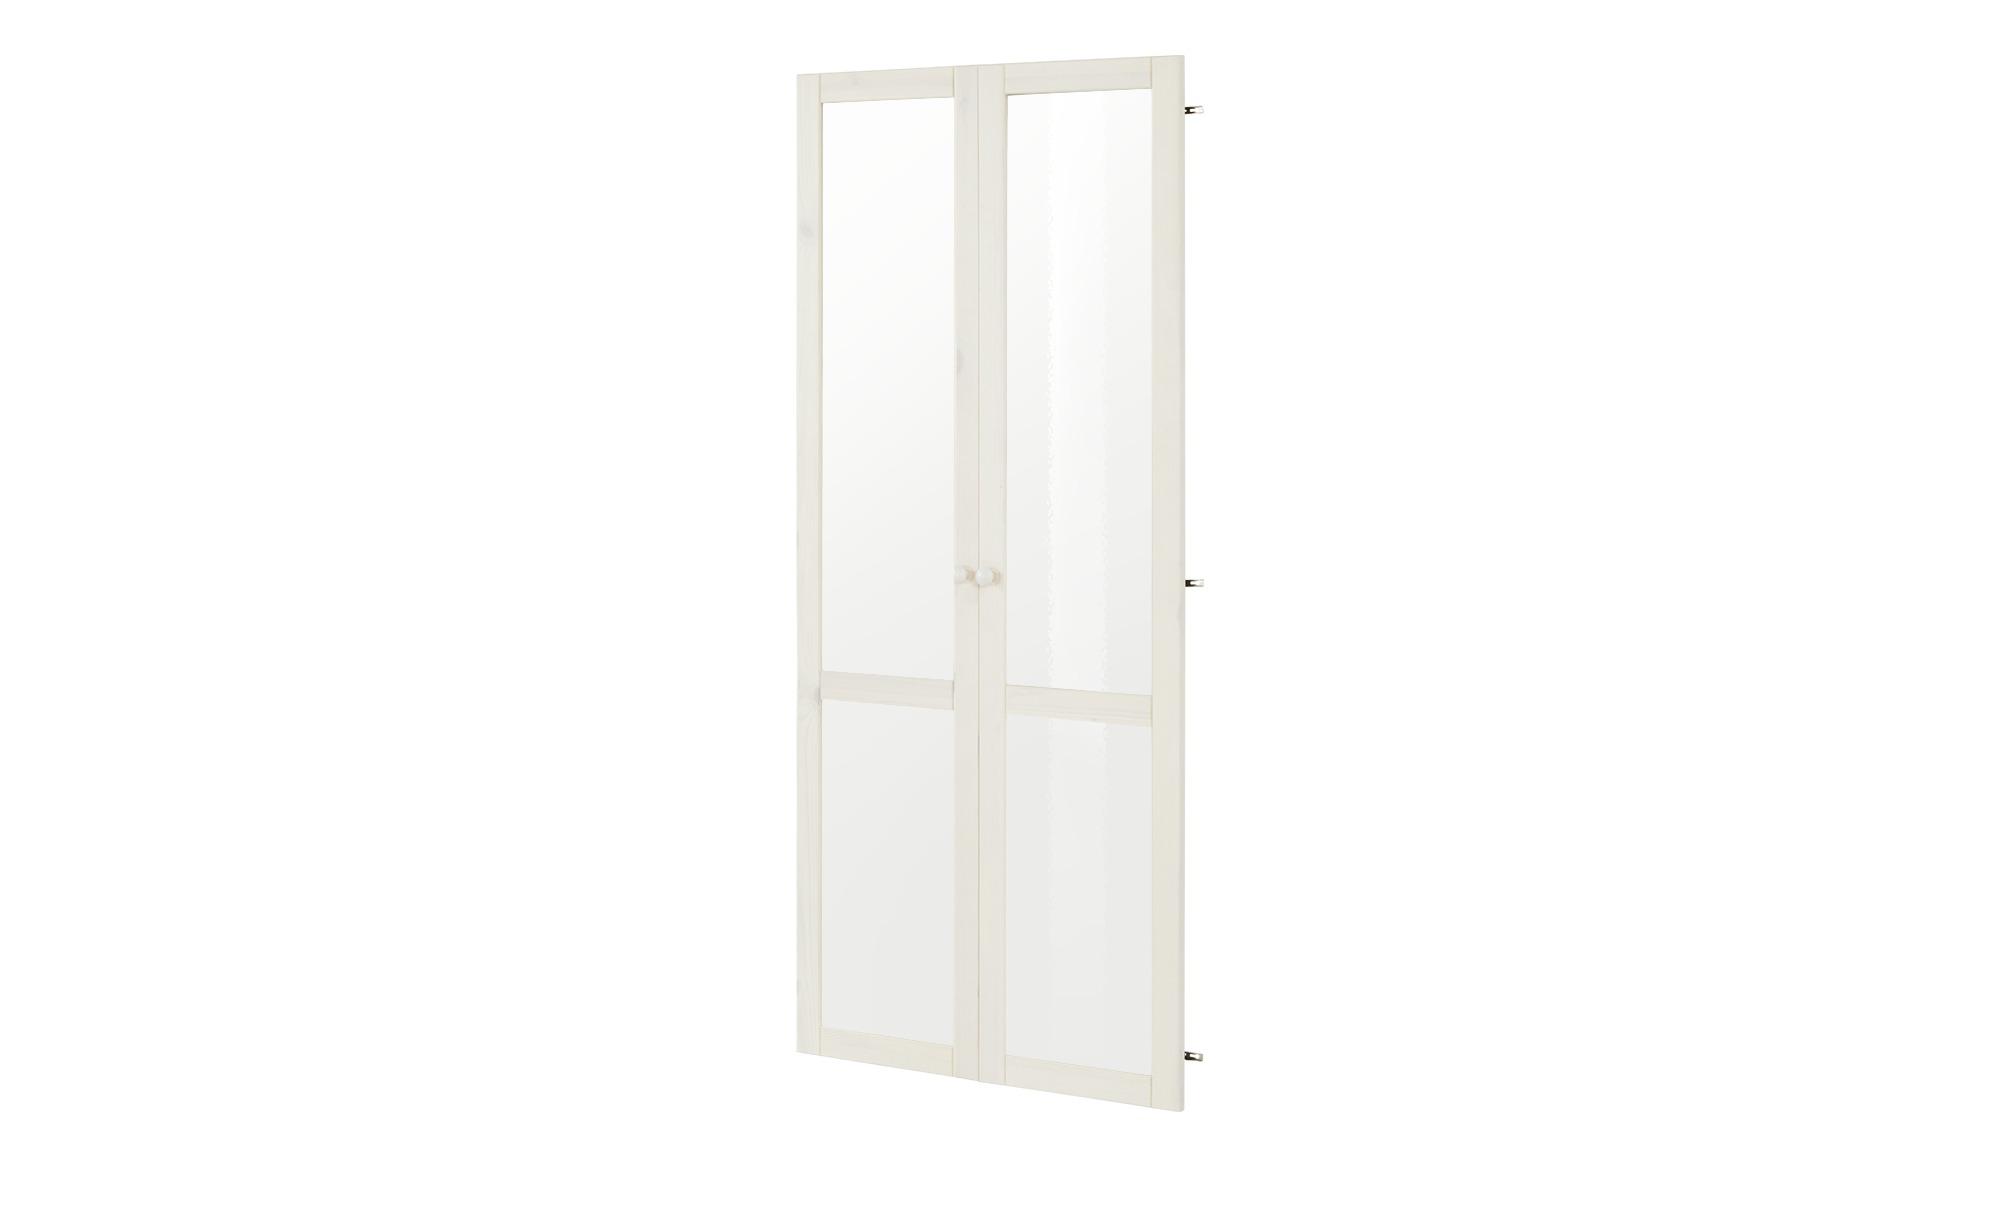 Glastüren 2er-Set - weiß - 200 cm - Sonstiges Zubehör - Möbel Kraft | Wohnzimmer > Vitrinen > Glasvitrinen | Möbel Kraft